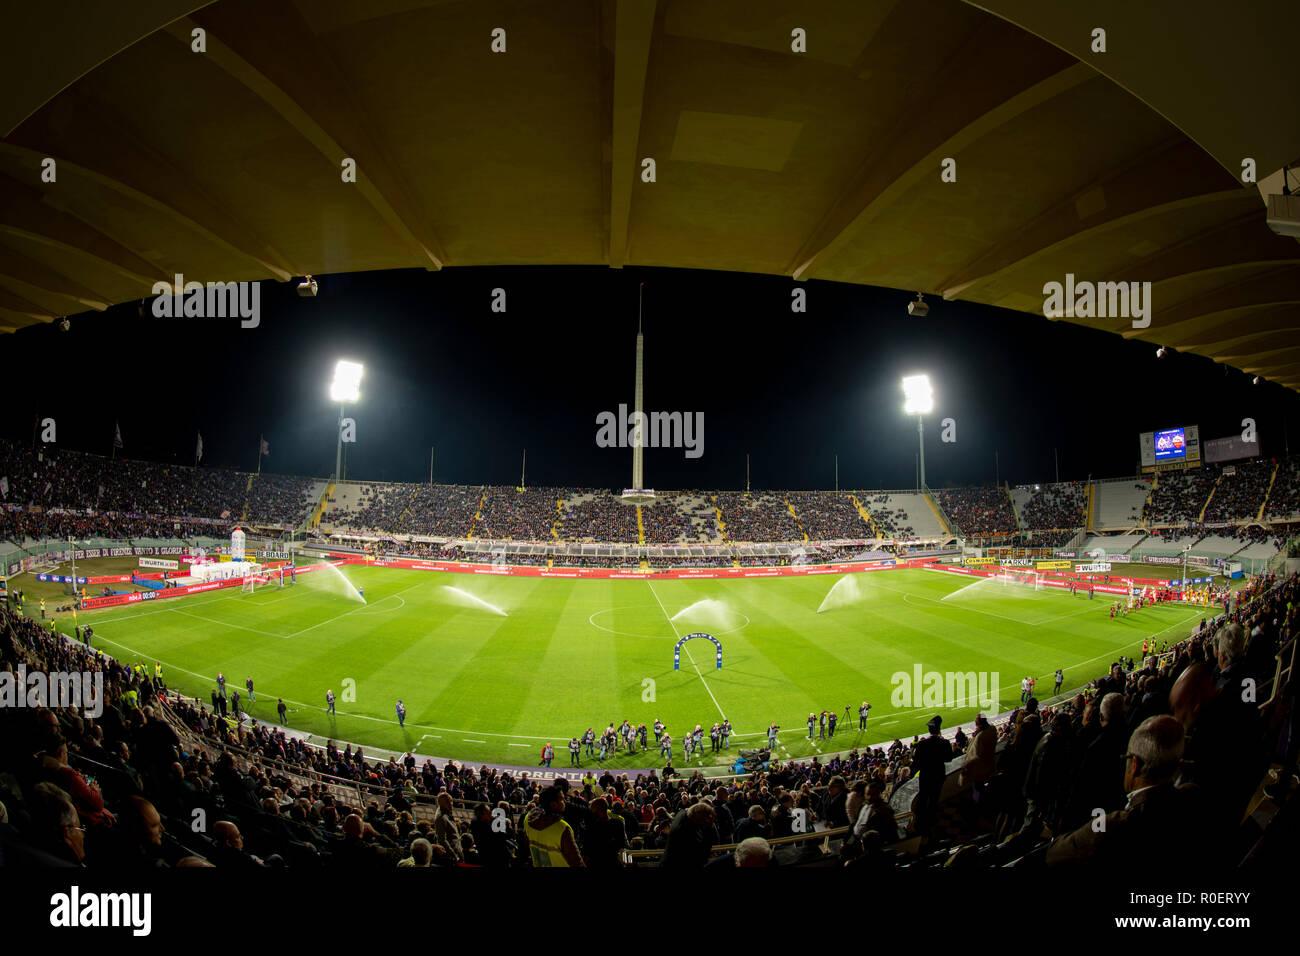 Vista general del Estadio Artemio Franchi durante el